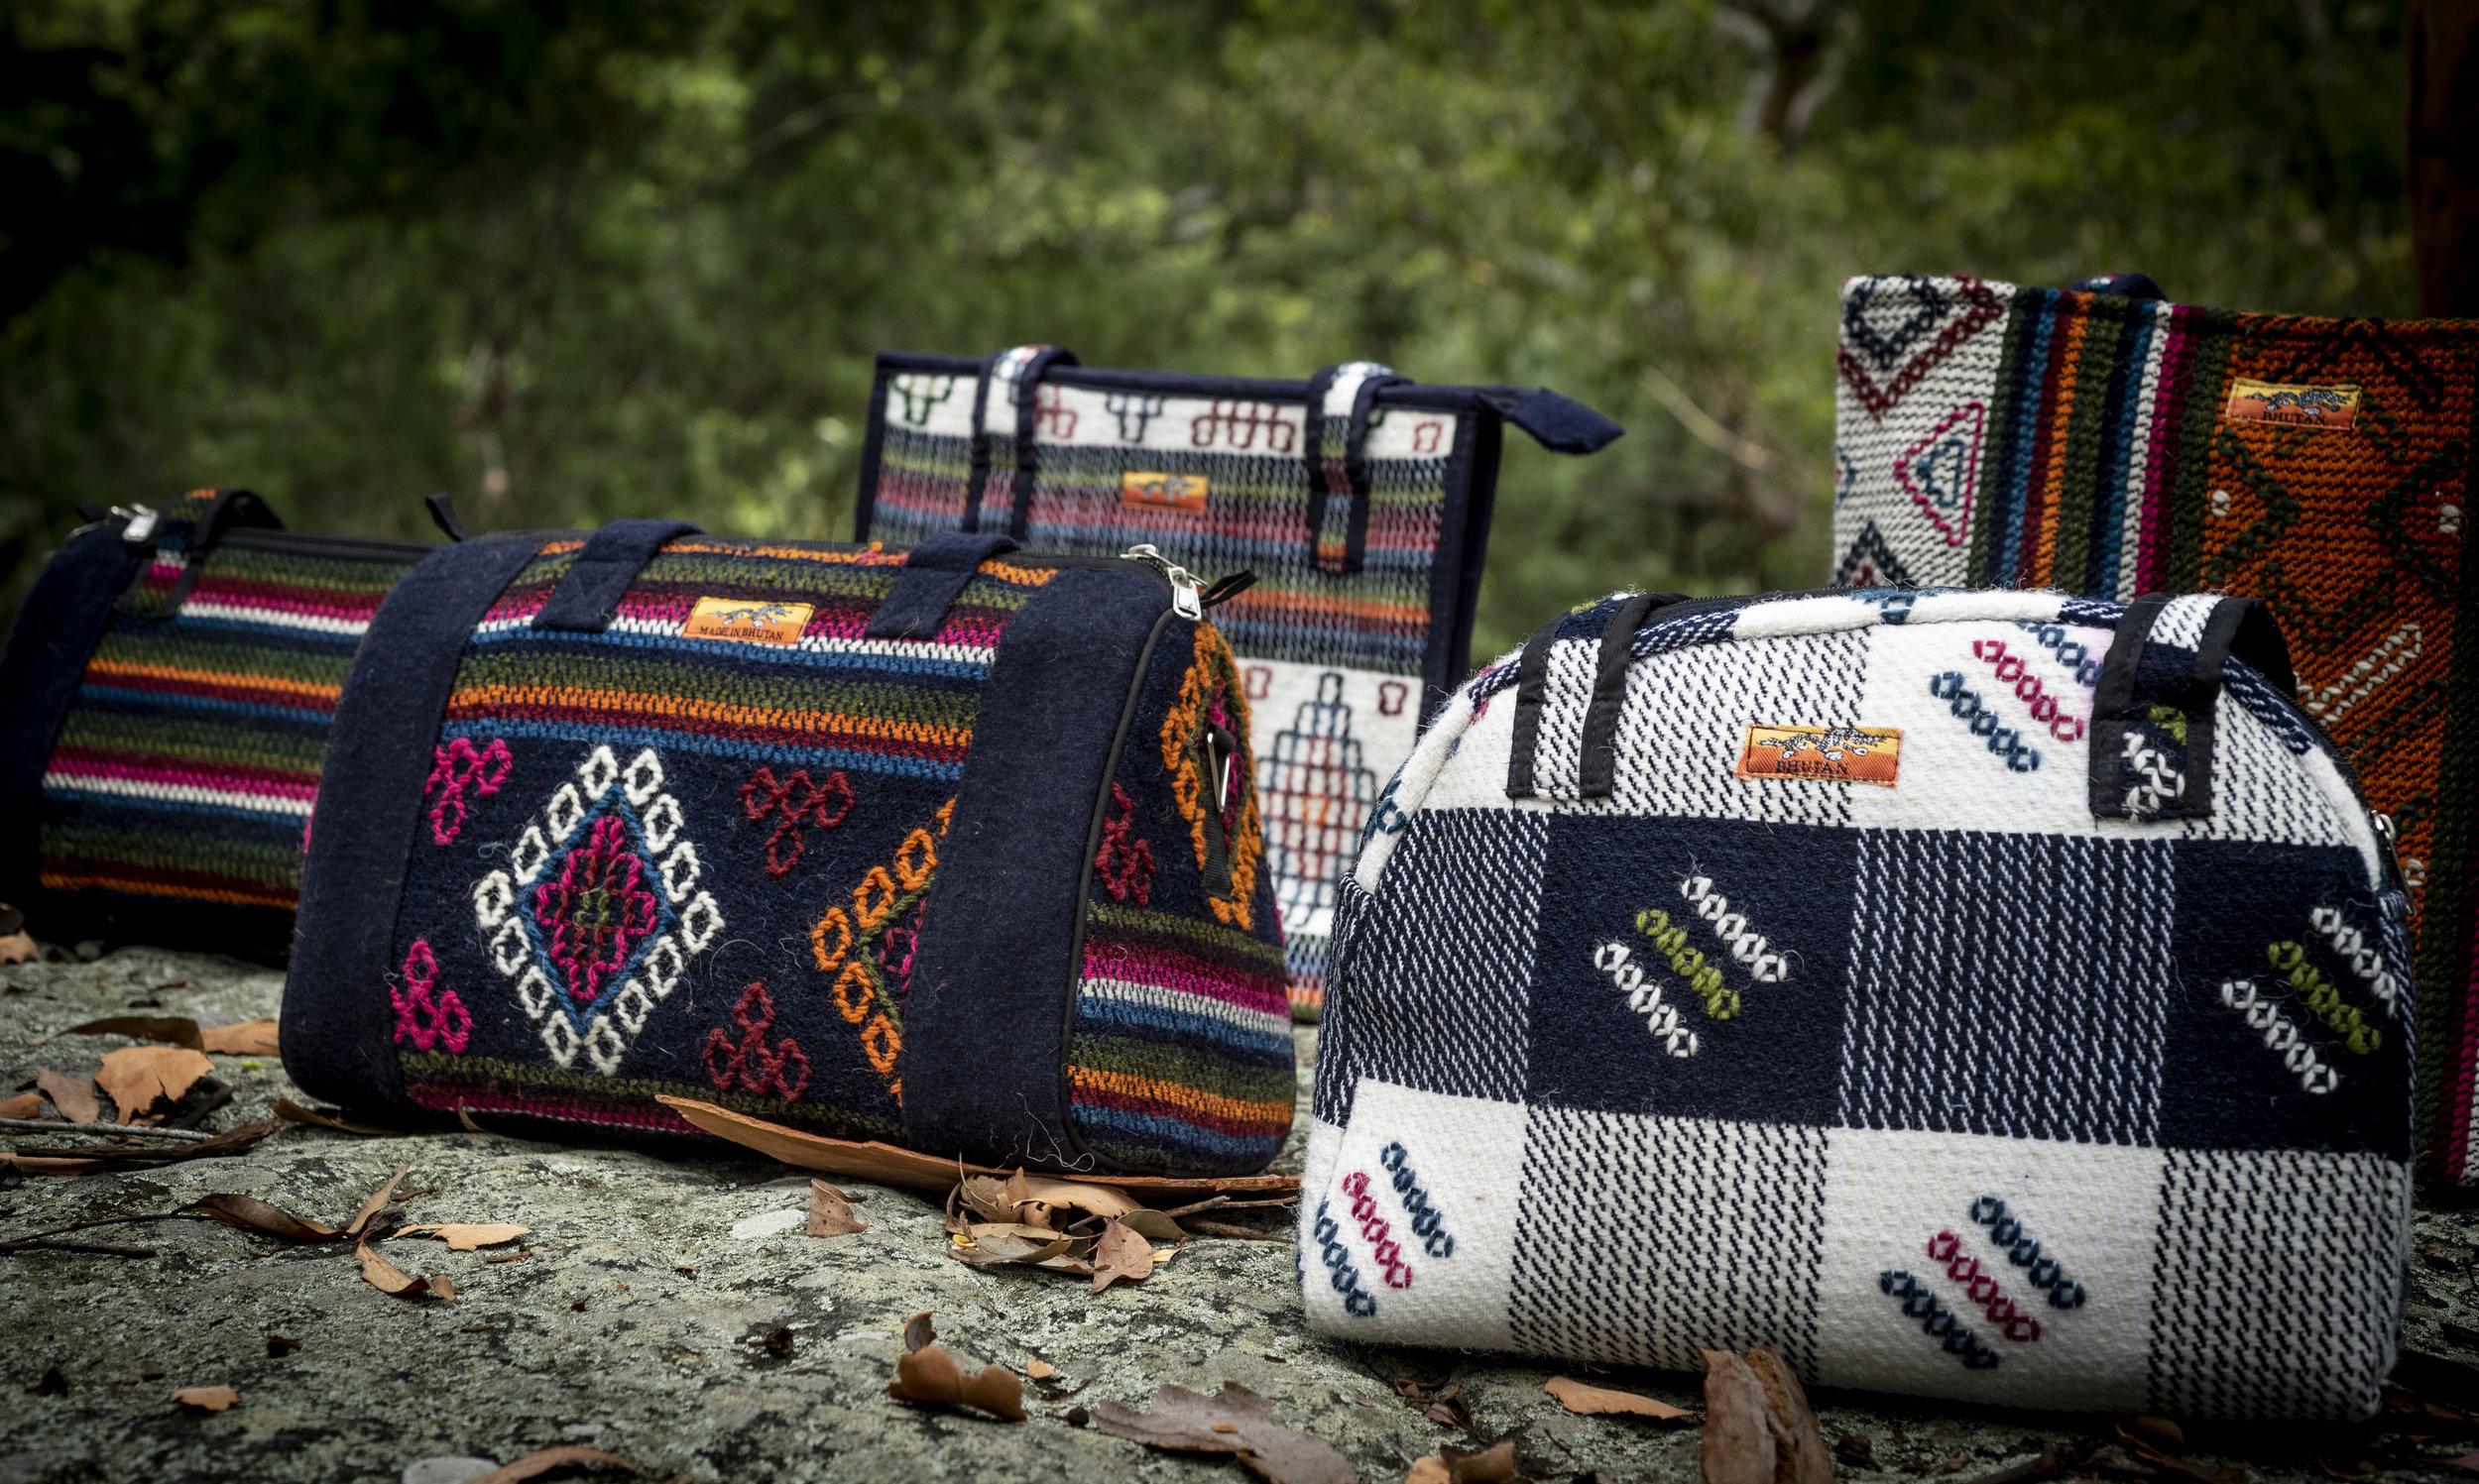 Bhutanese bag collection